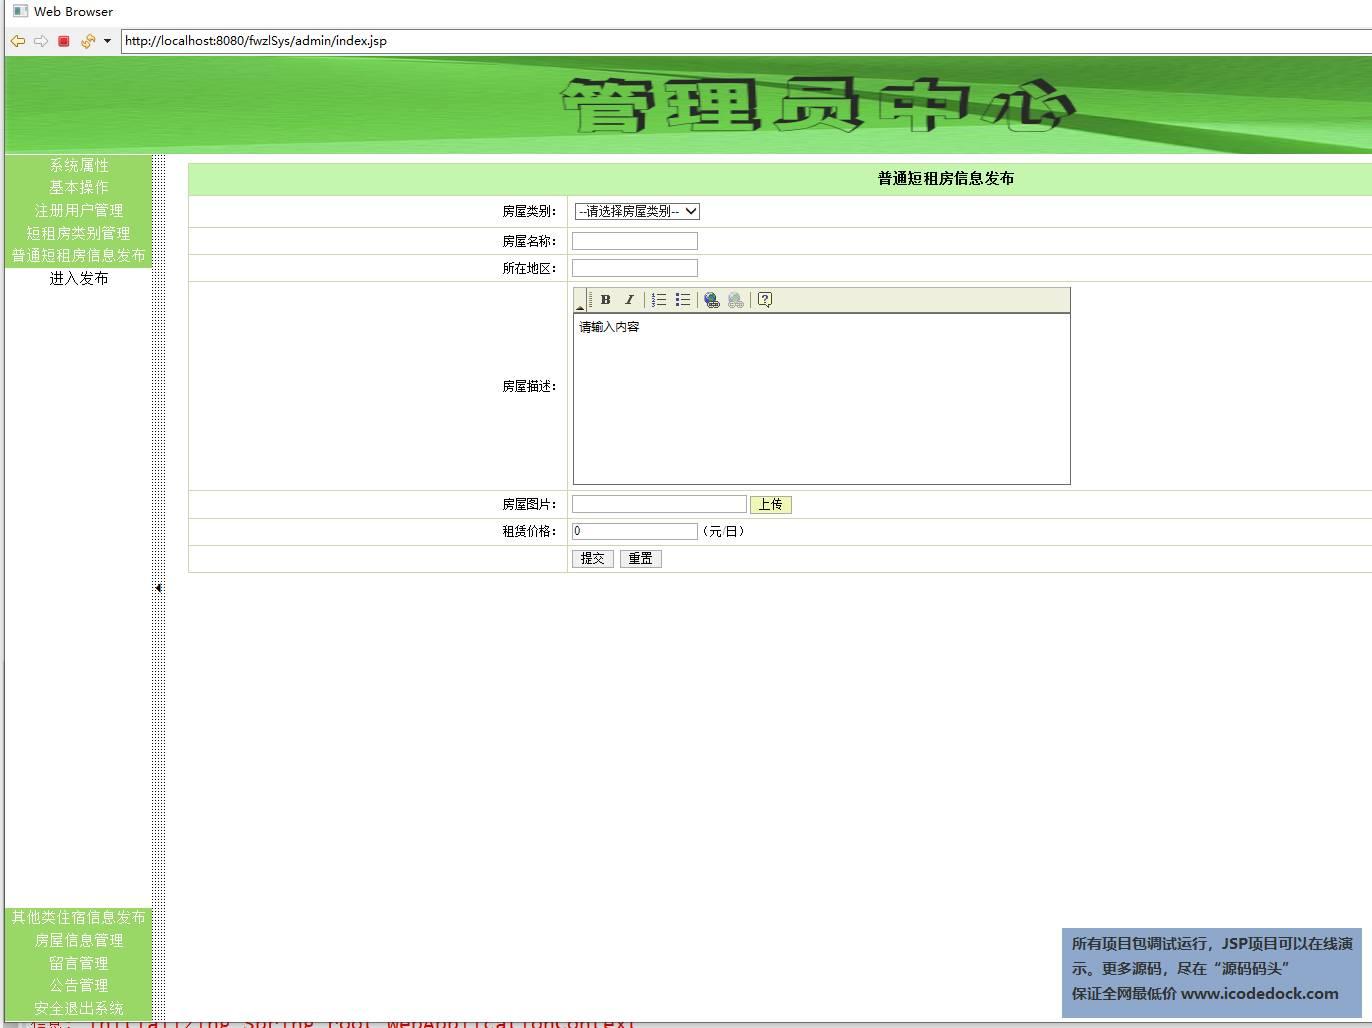 源码码头-SSH房屋租赁管理系统-管理员角色-房屋信息发布